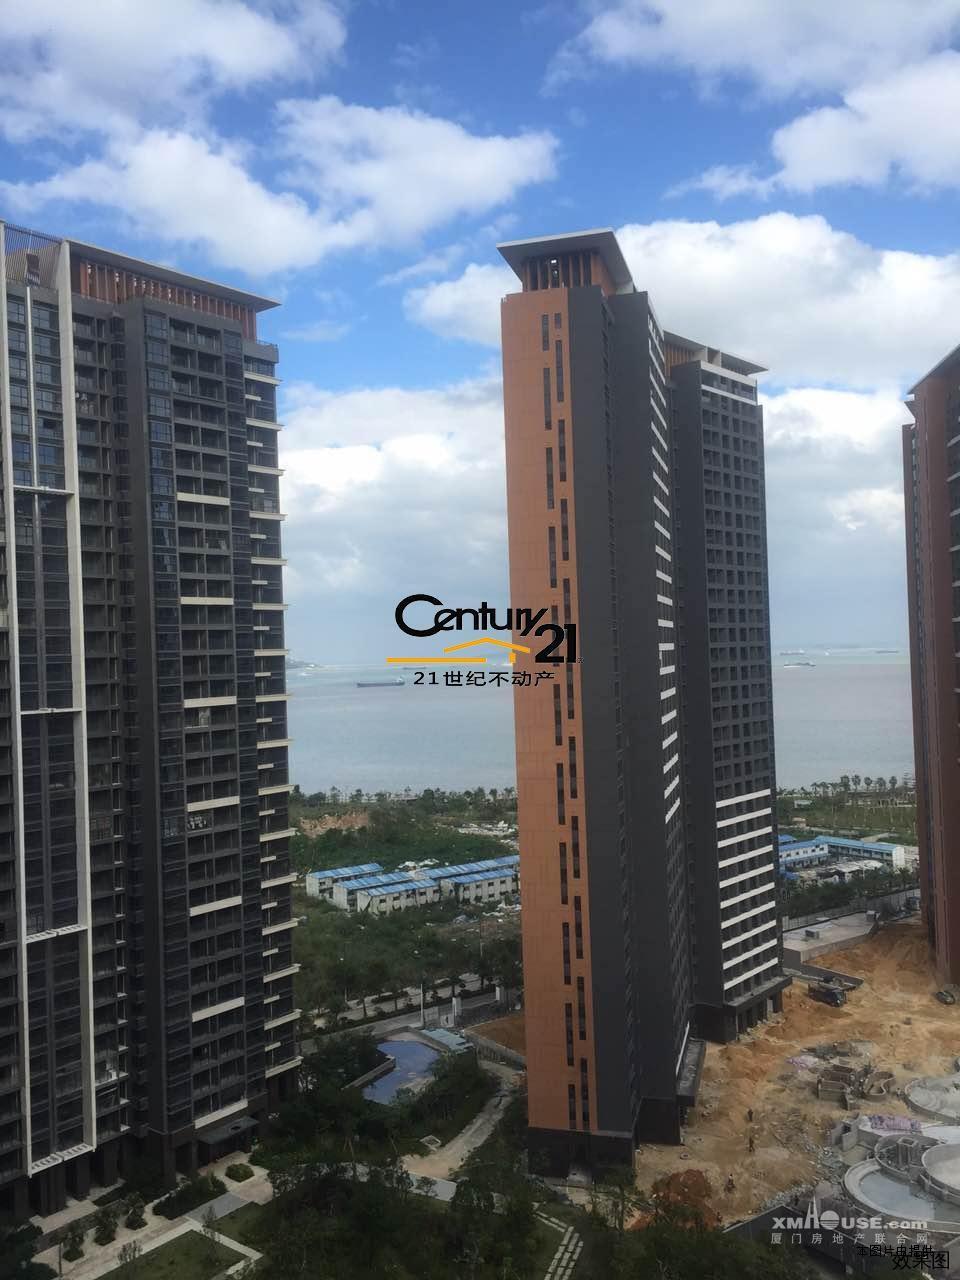 君悦黄金海岸_3房2厅出售_漳州市双鱼岛西侧 - 厦门房